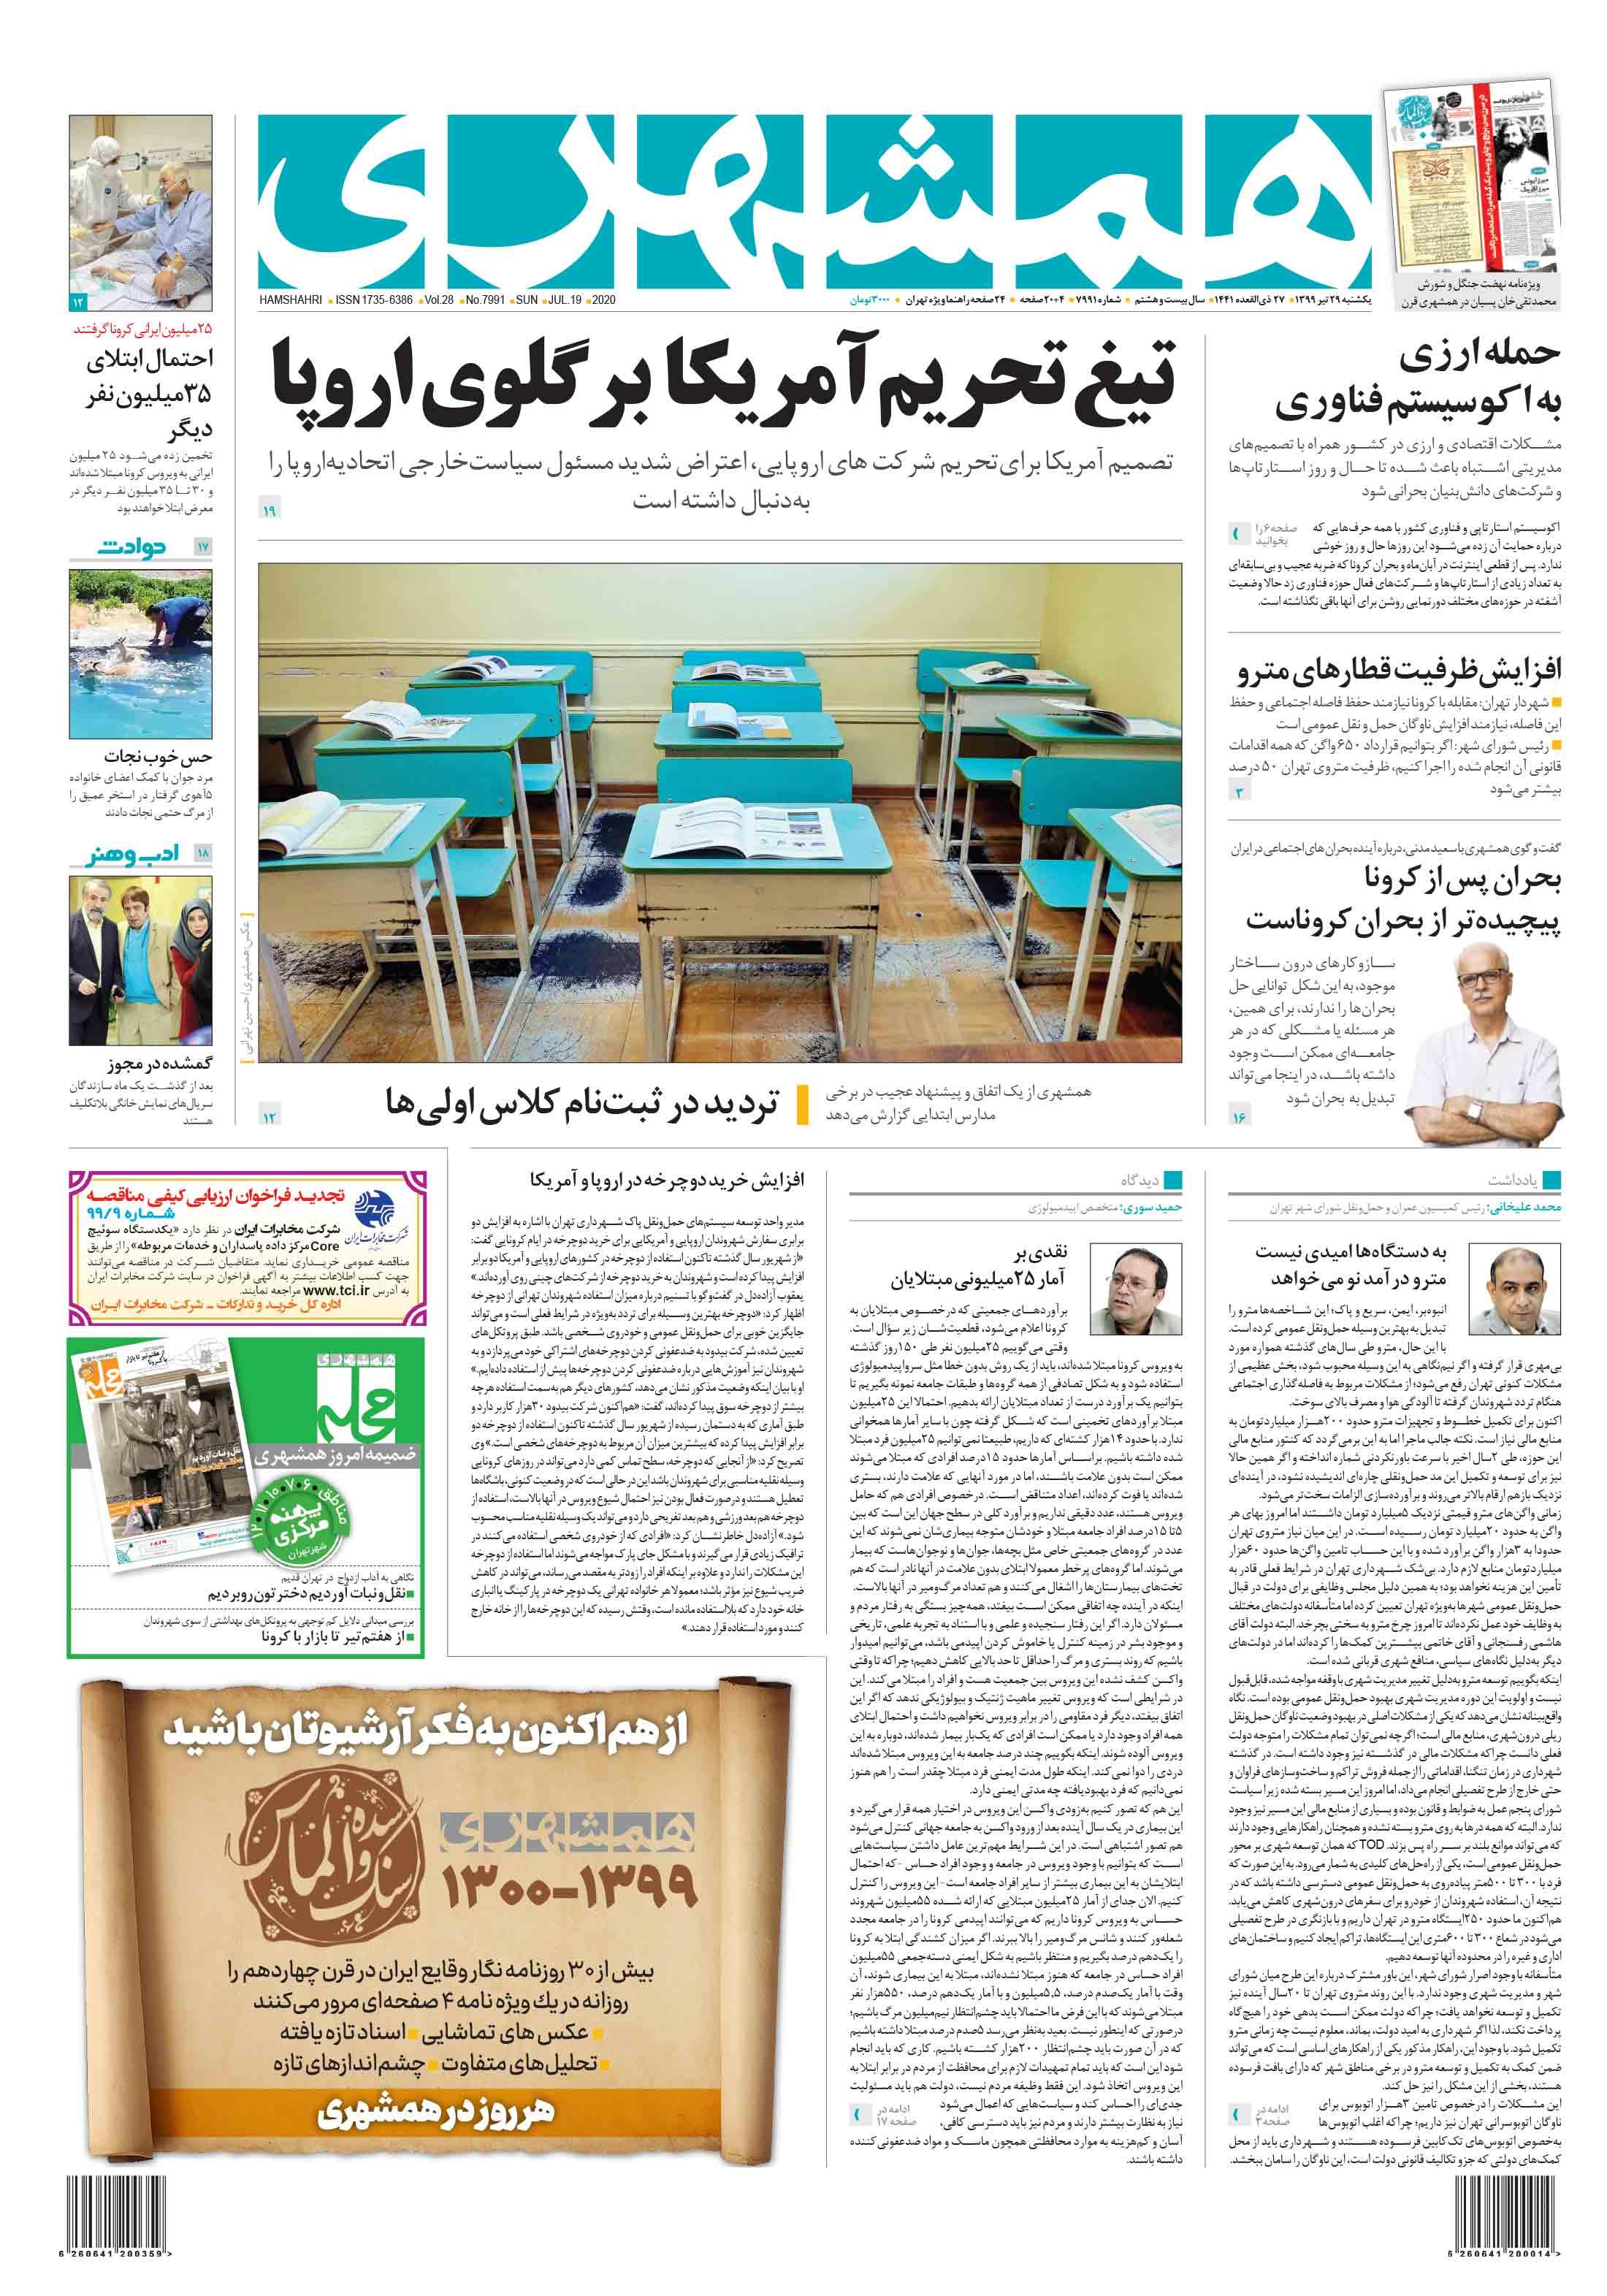 صفحه اول یکشنبه 29 تیر 1399